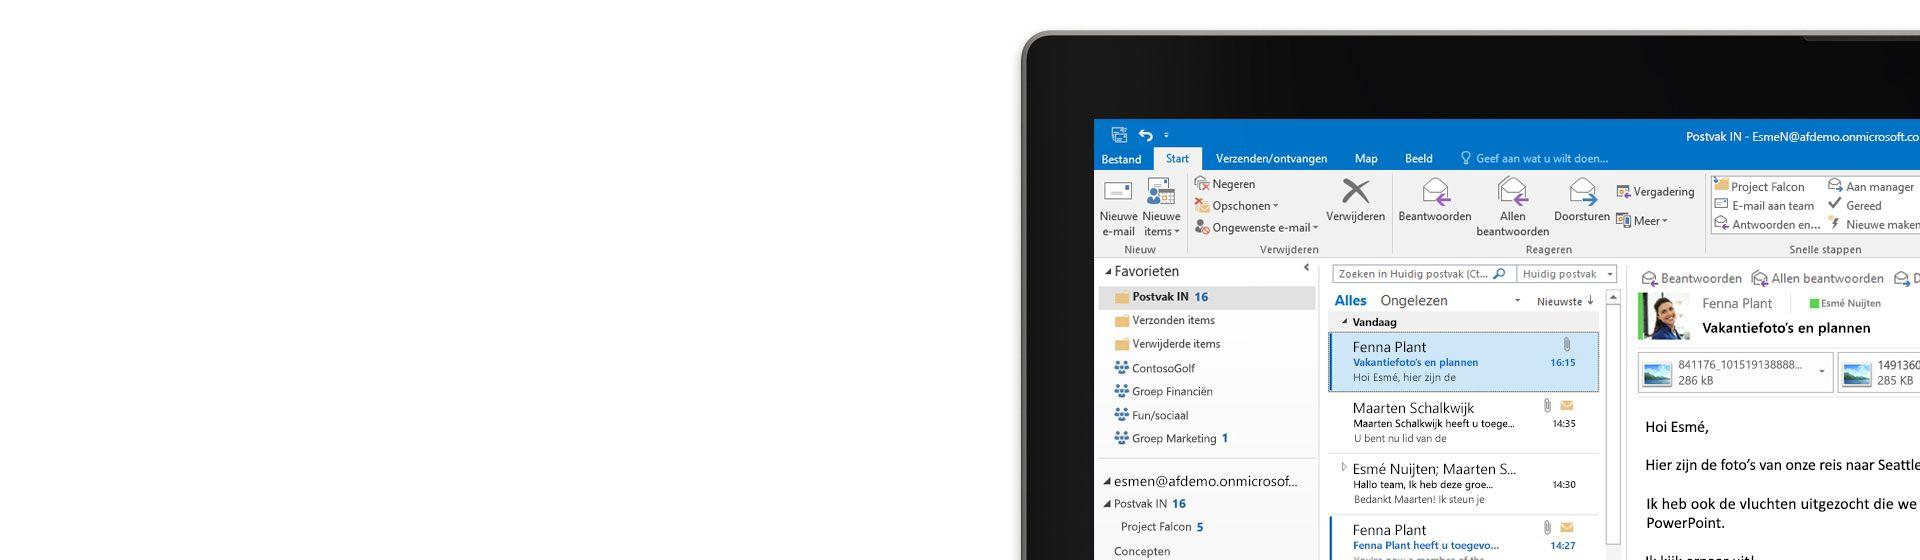 Een tablet met een Postvak IN van Microsoft Outlook 2016 waarin een berichtenlijst en voorbeeld worden weergegeven